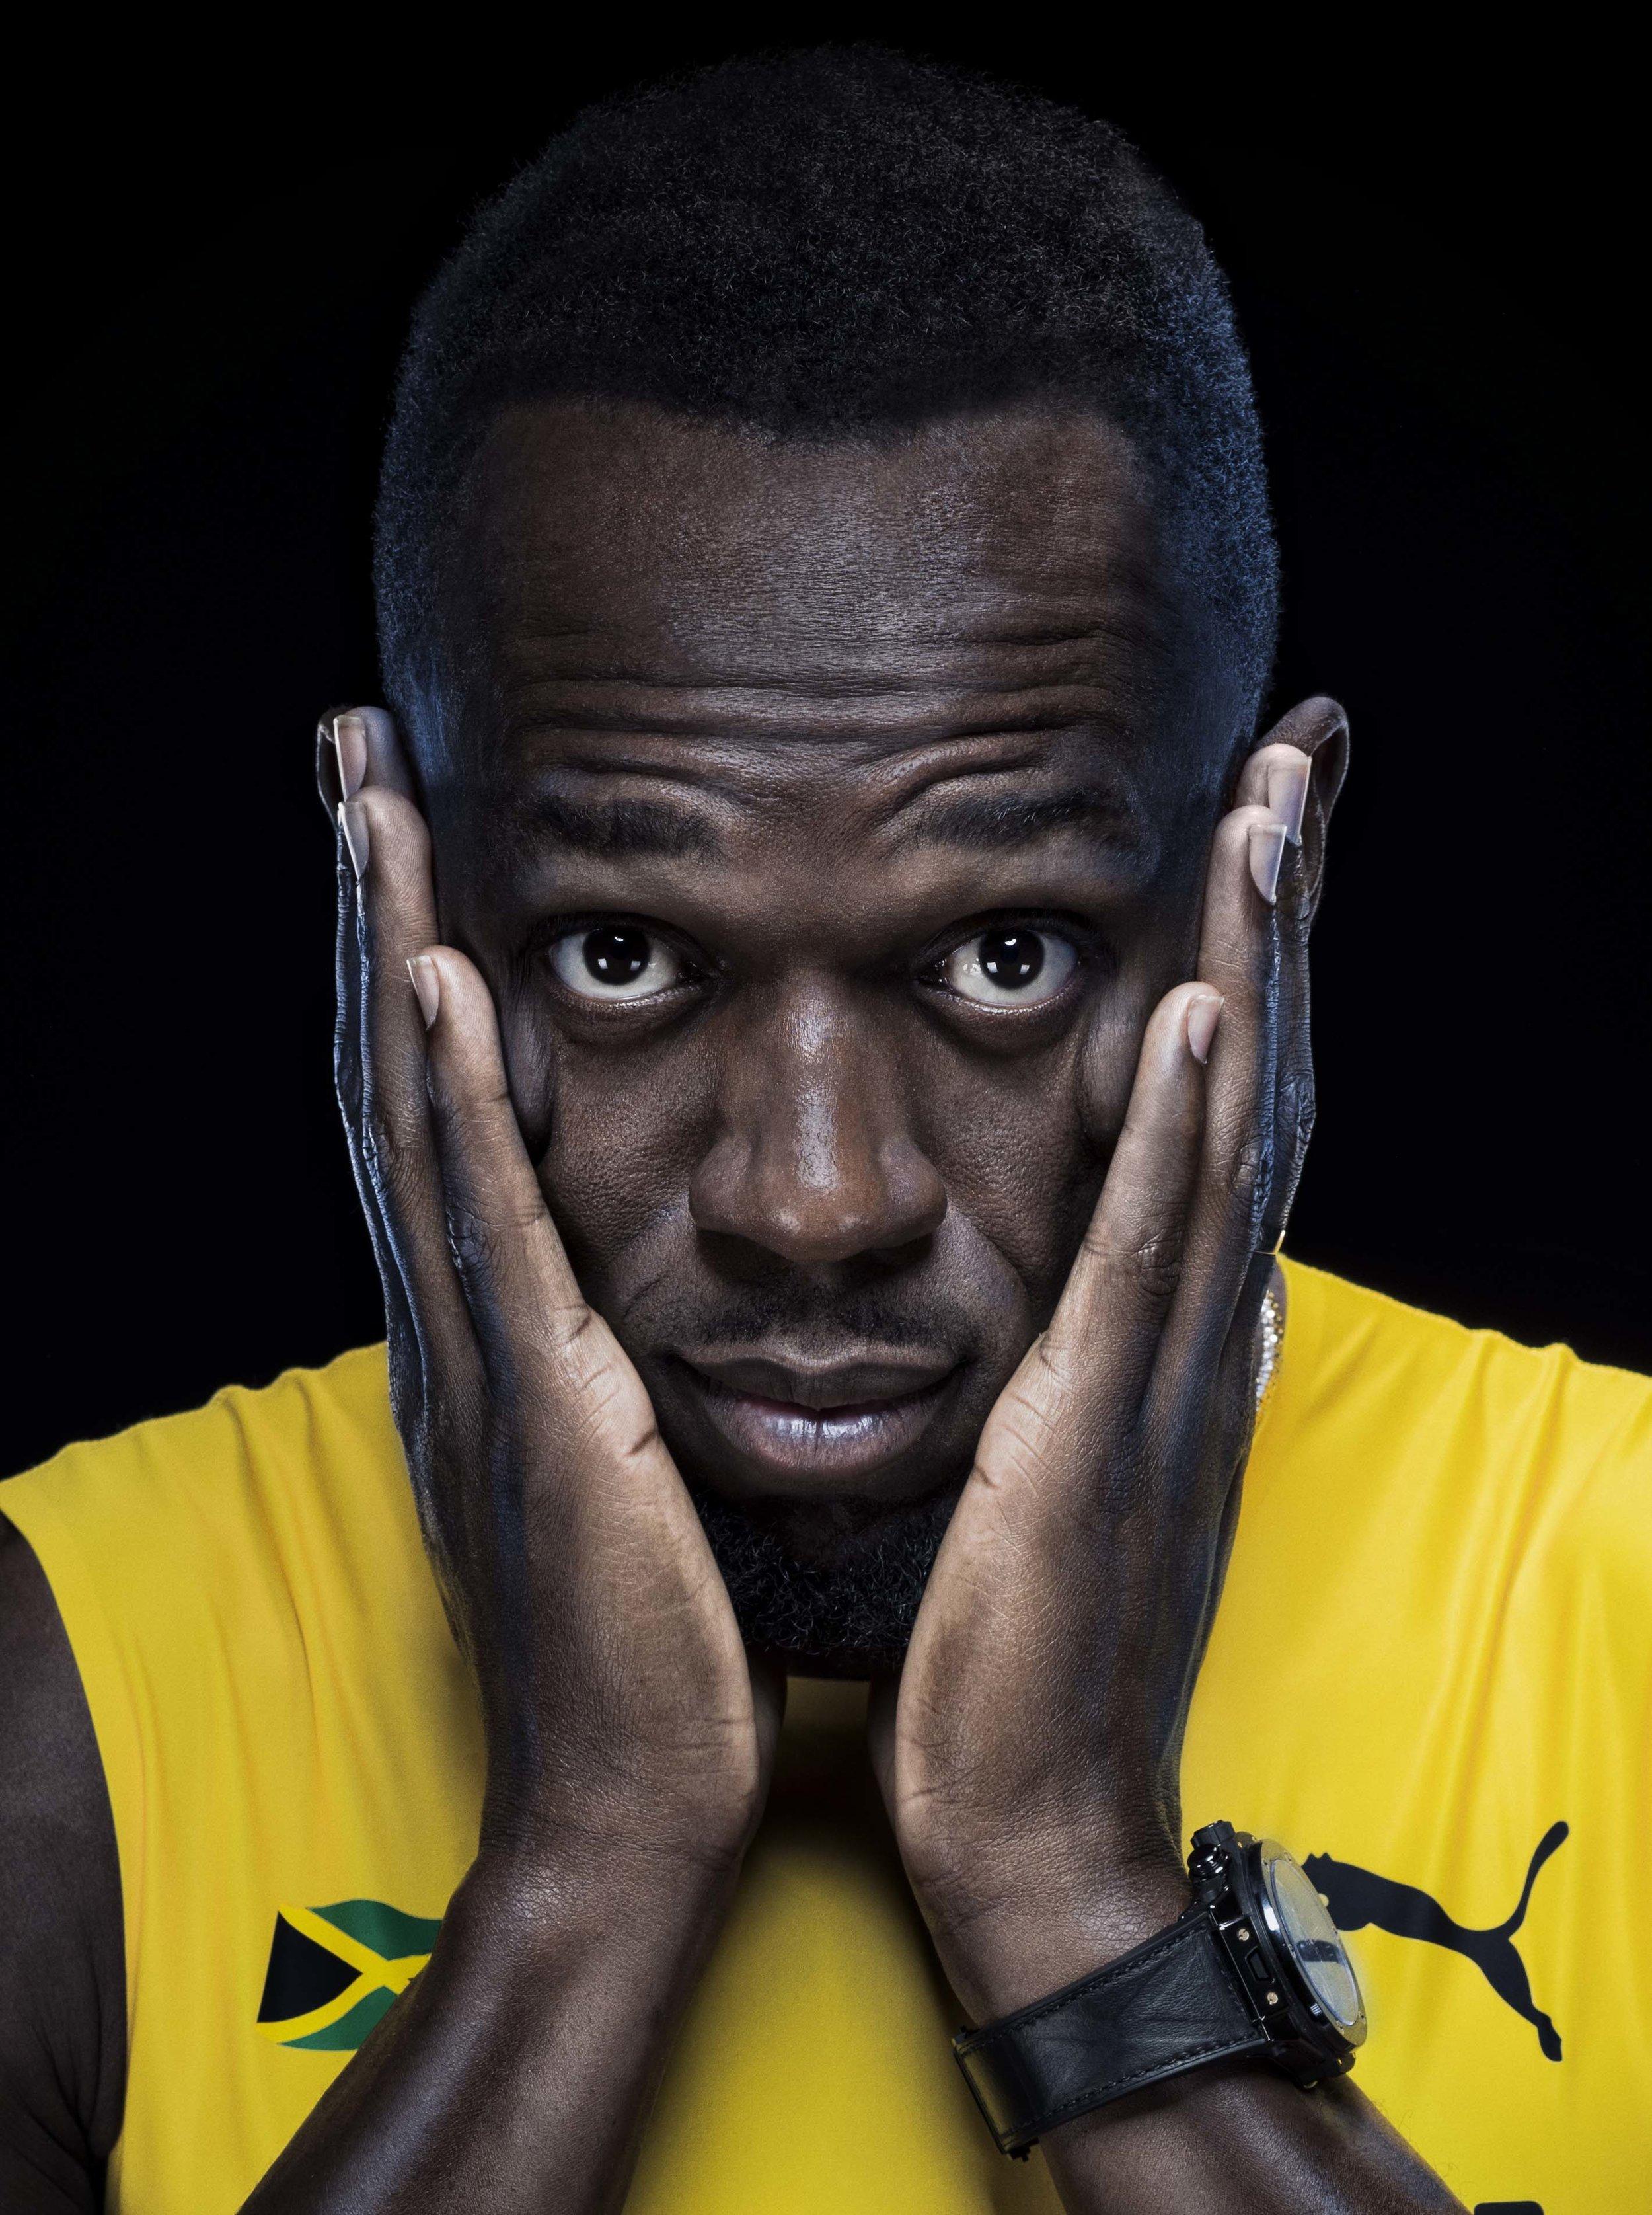 Usain_Bolt15073.jpg